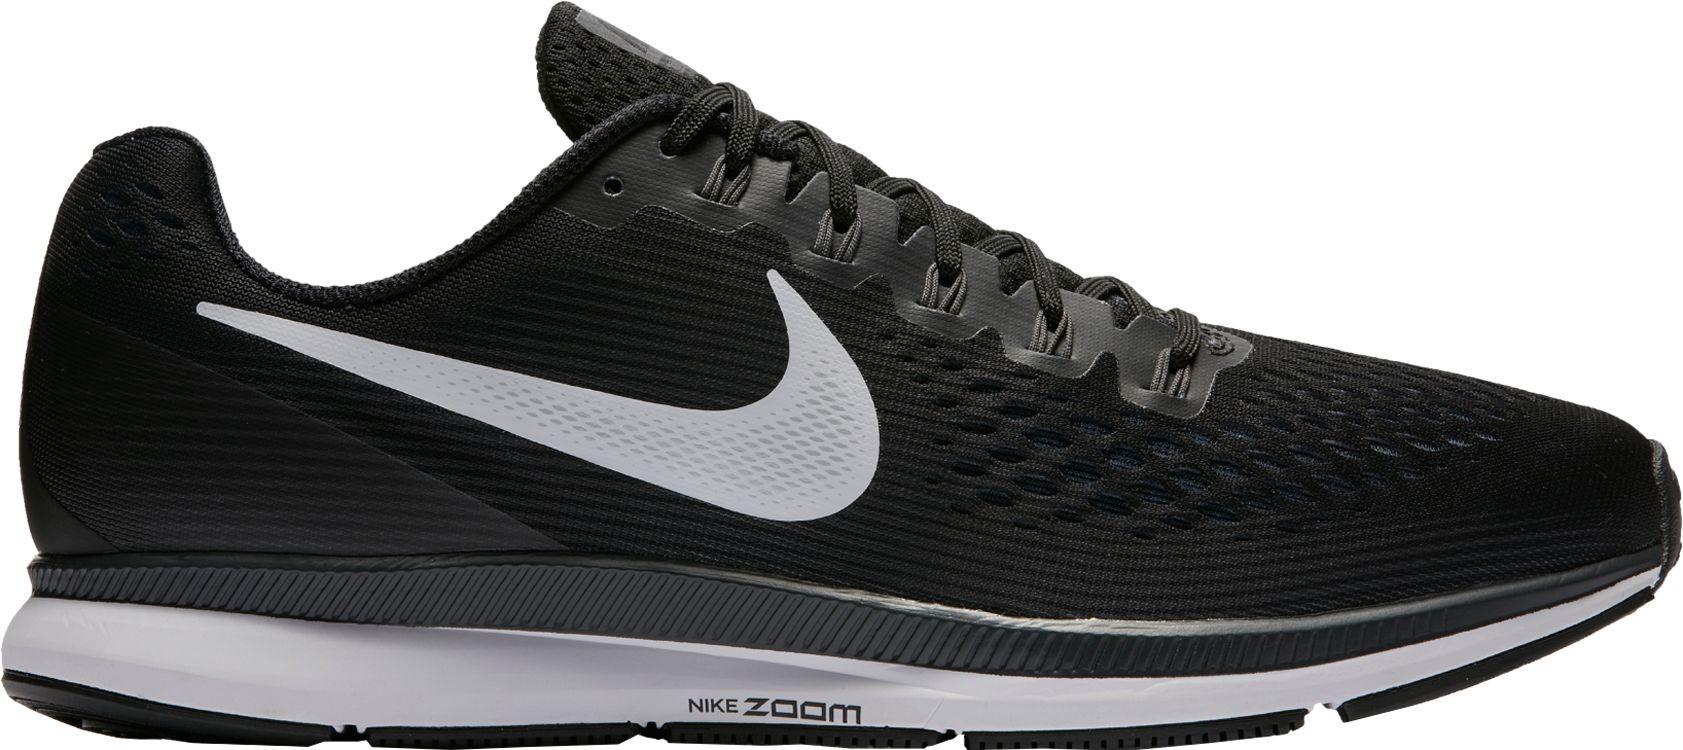 de20d93b7d449 Nike Men s Air Zoom Pegasus 34 Running Shoes